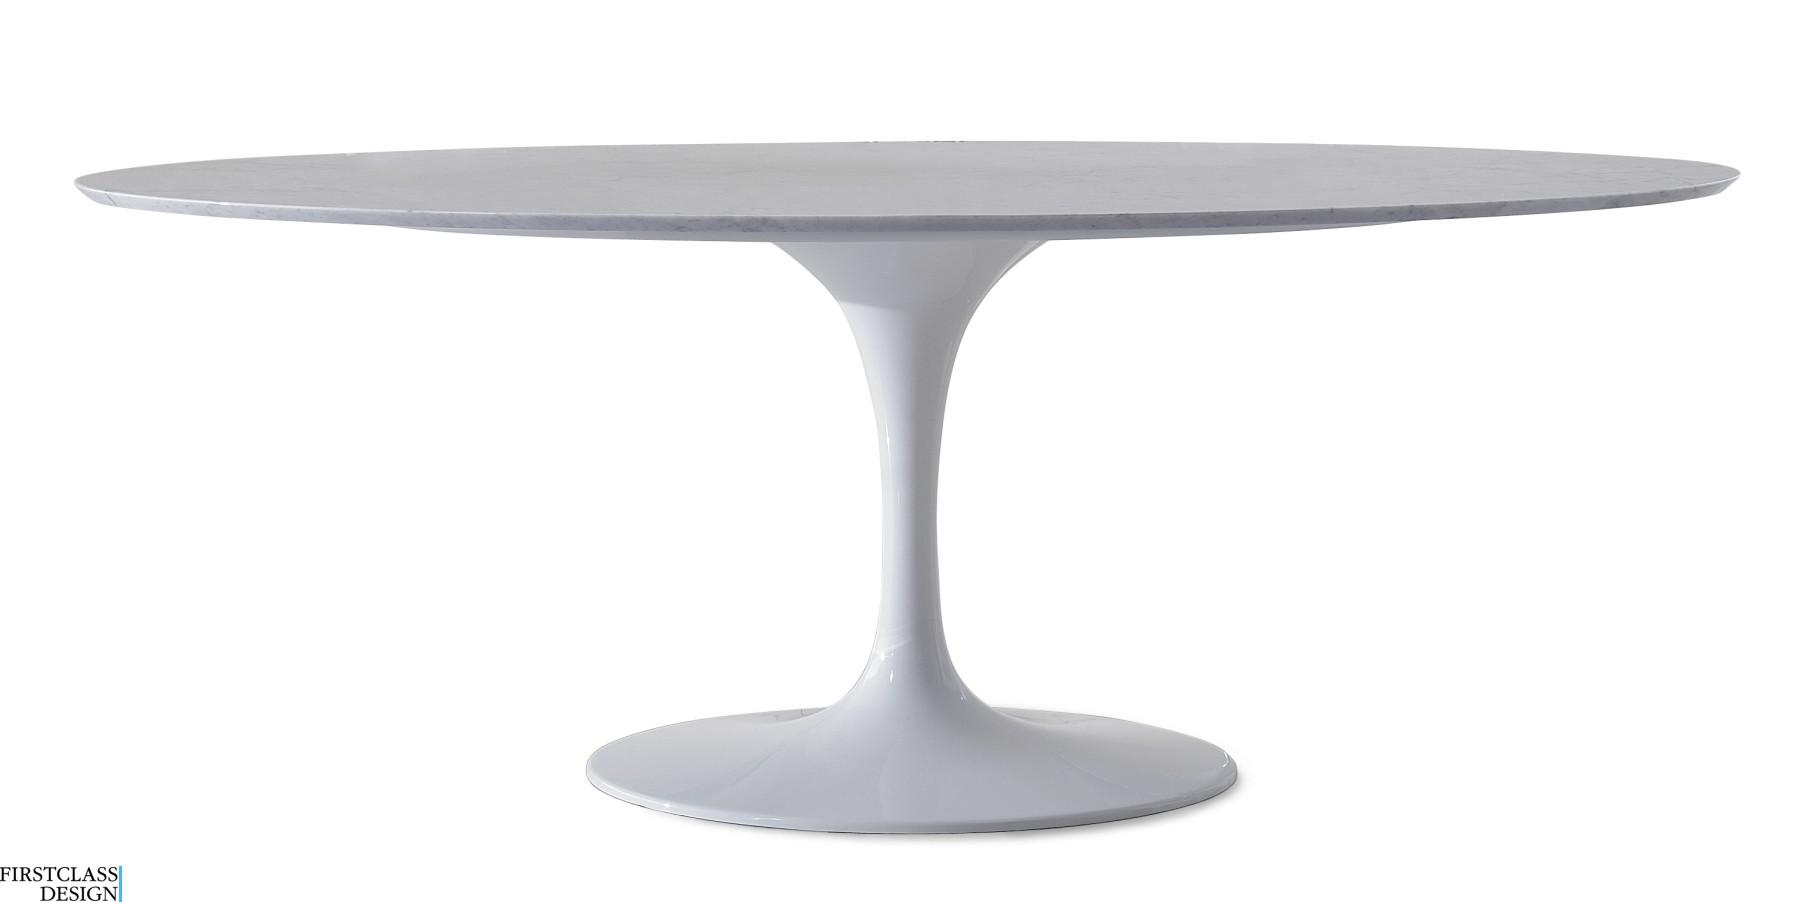 New home arreda molfetta arredamento casa mobili letti for Sedie per tavolo tulip